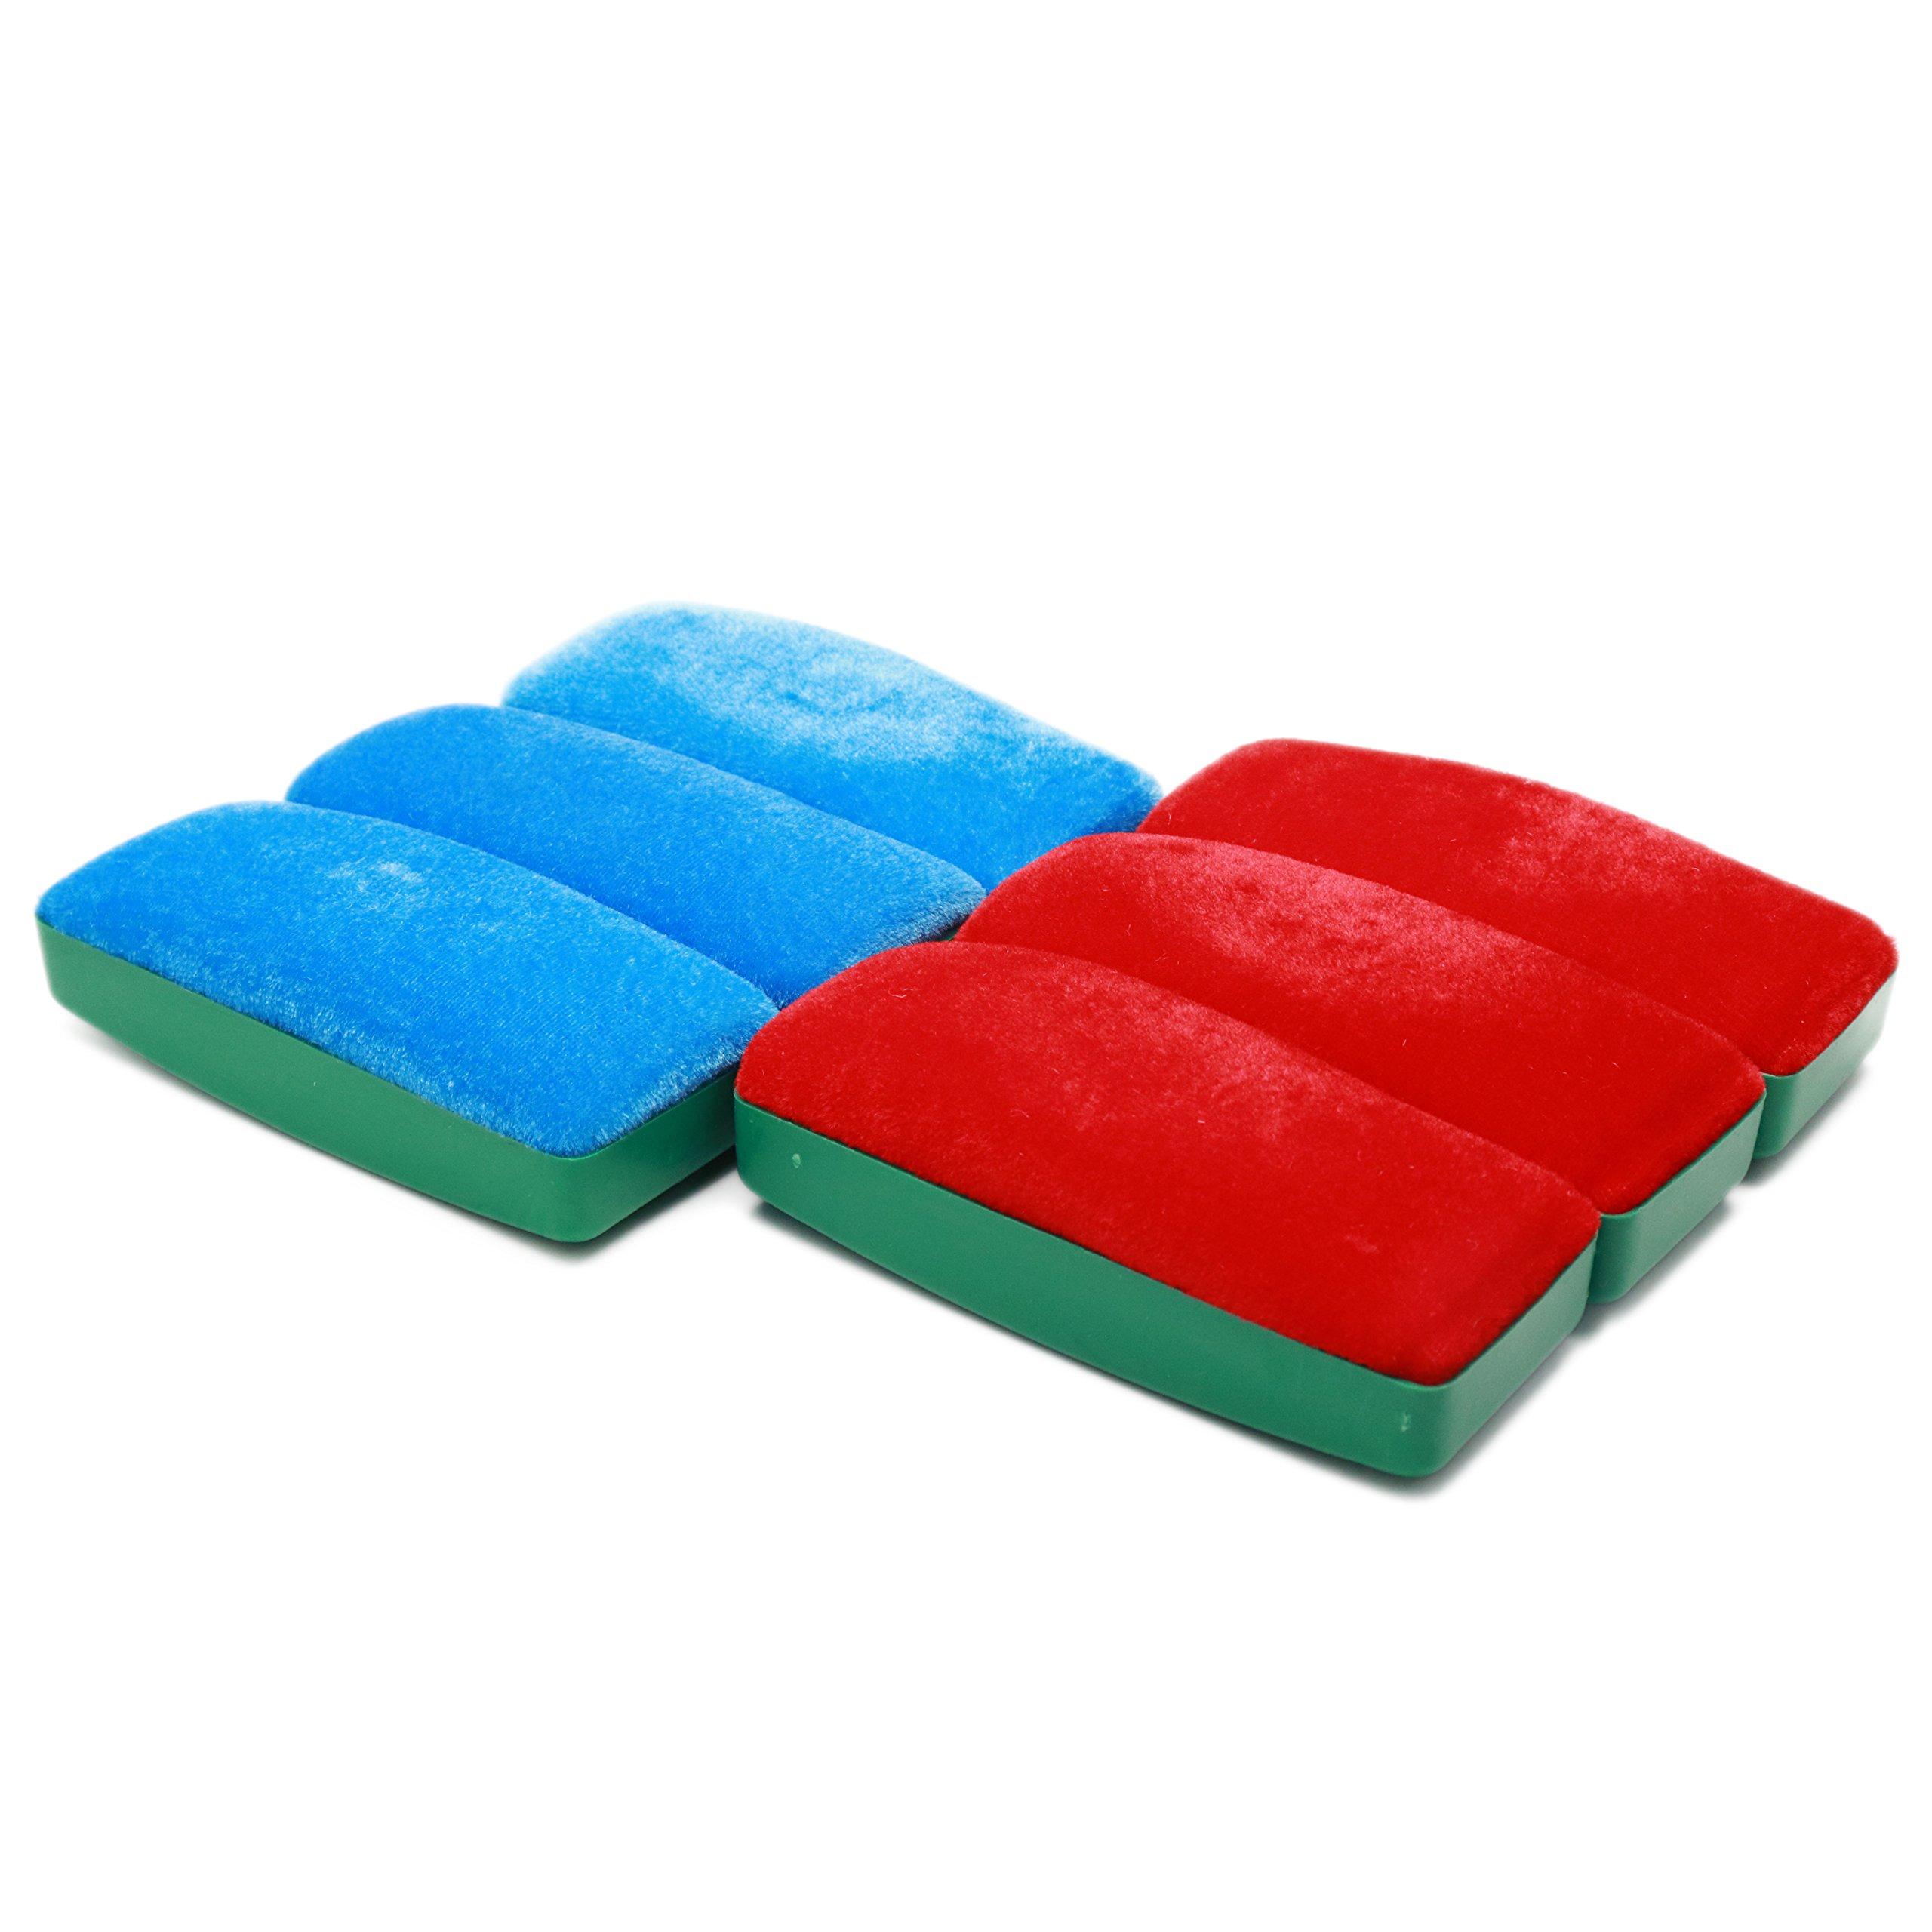 LDEXIN 6pcs Tomato Print Magnetic Velvet Chalk Blackboard Eraser Cleaner Navy Blue and Dark Red